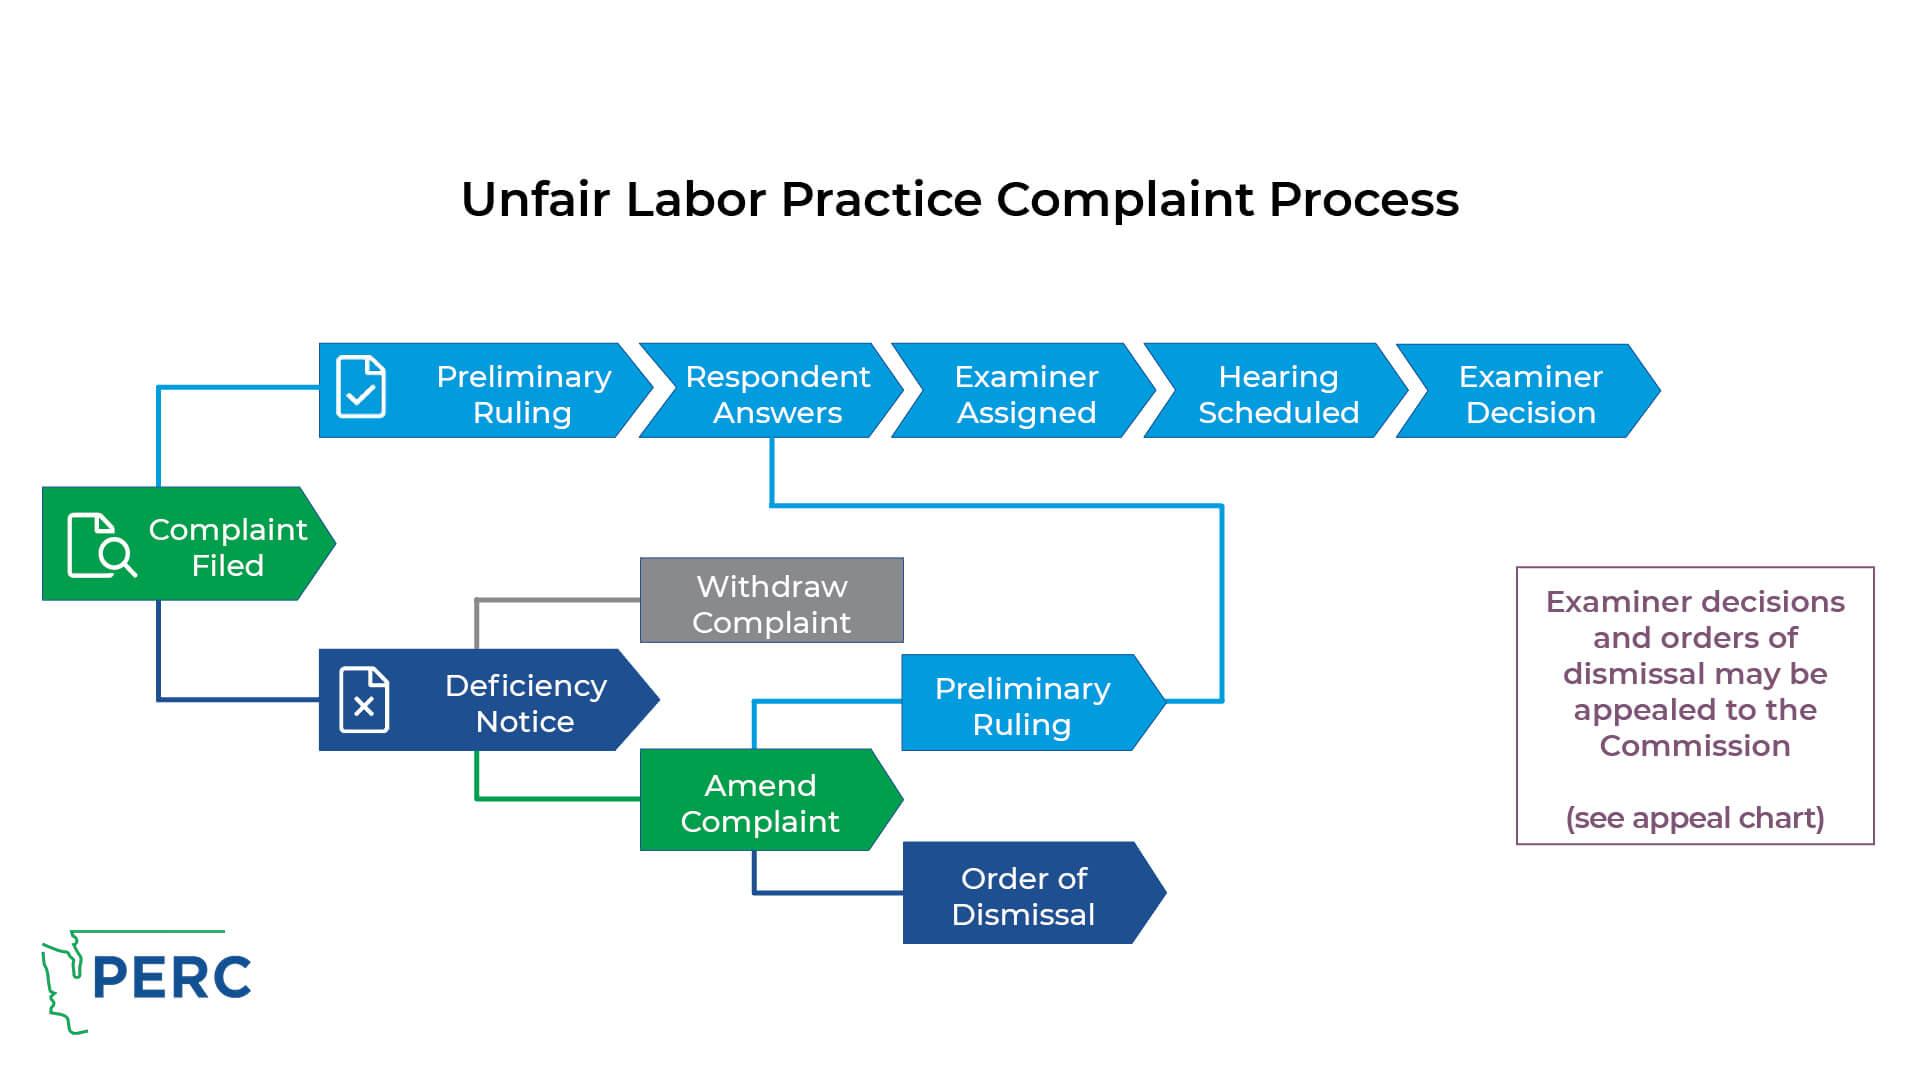 ULP Complaint Process